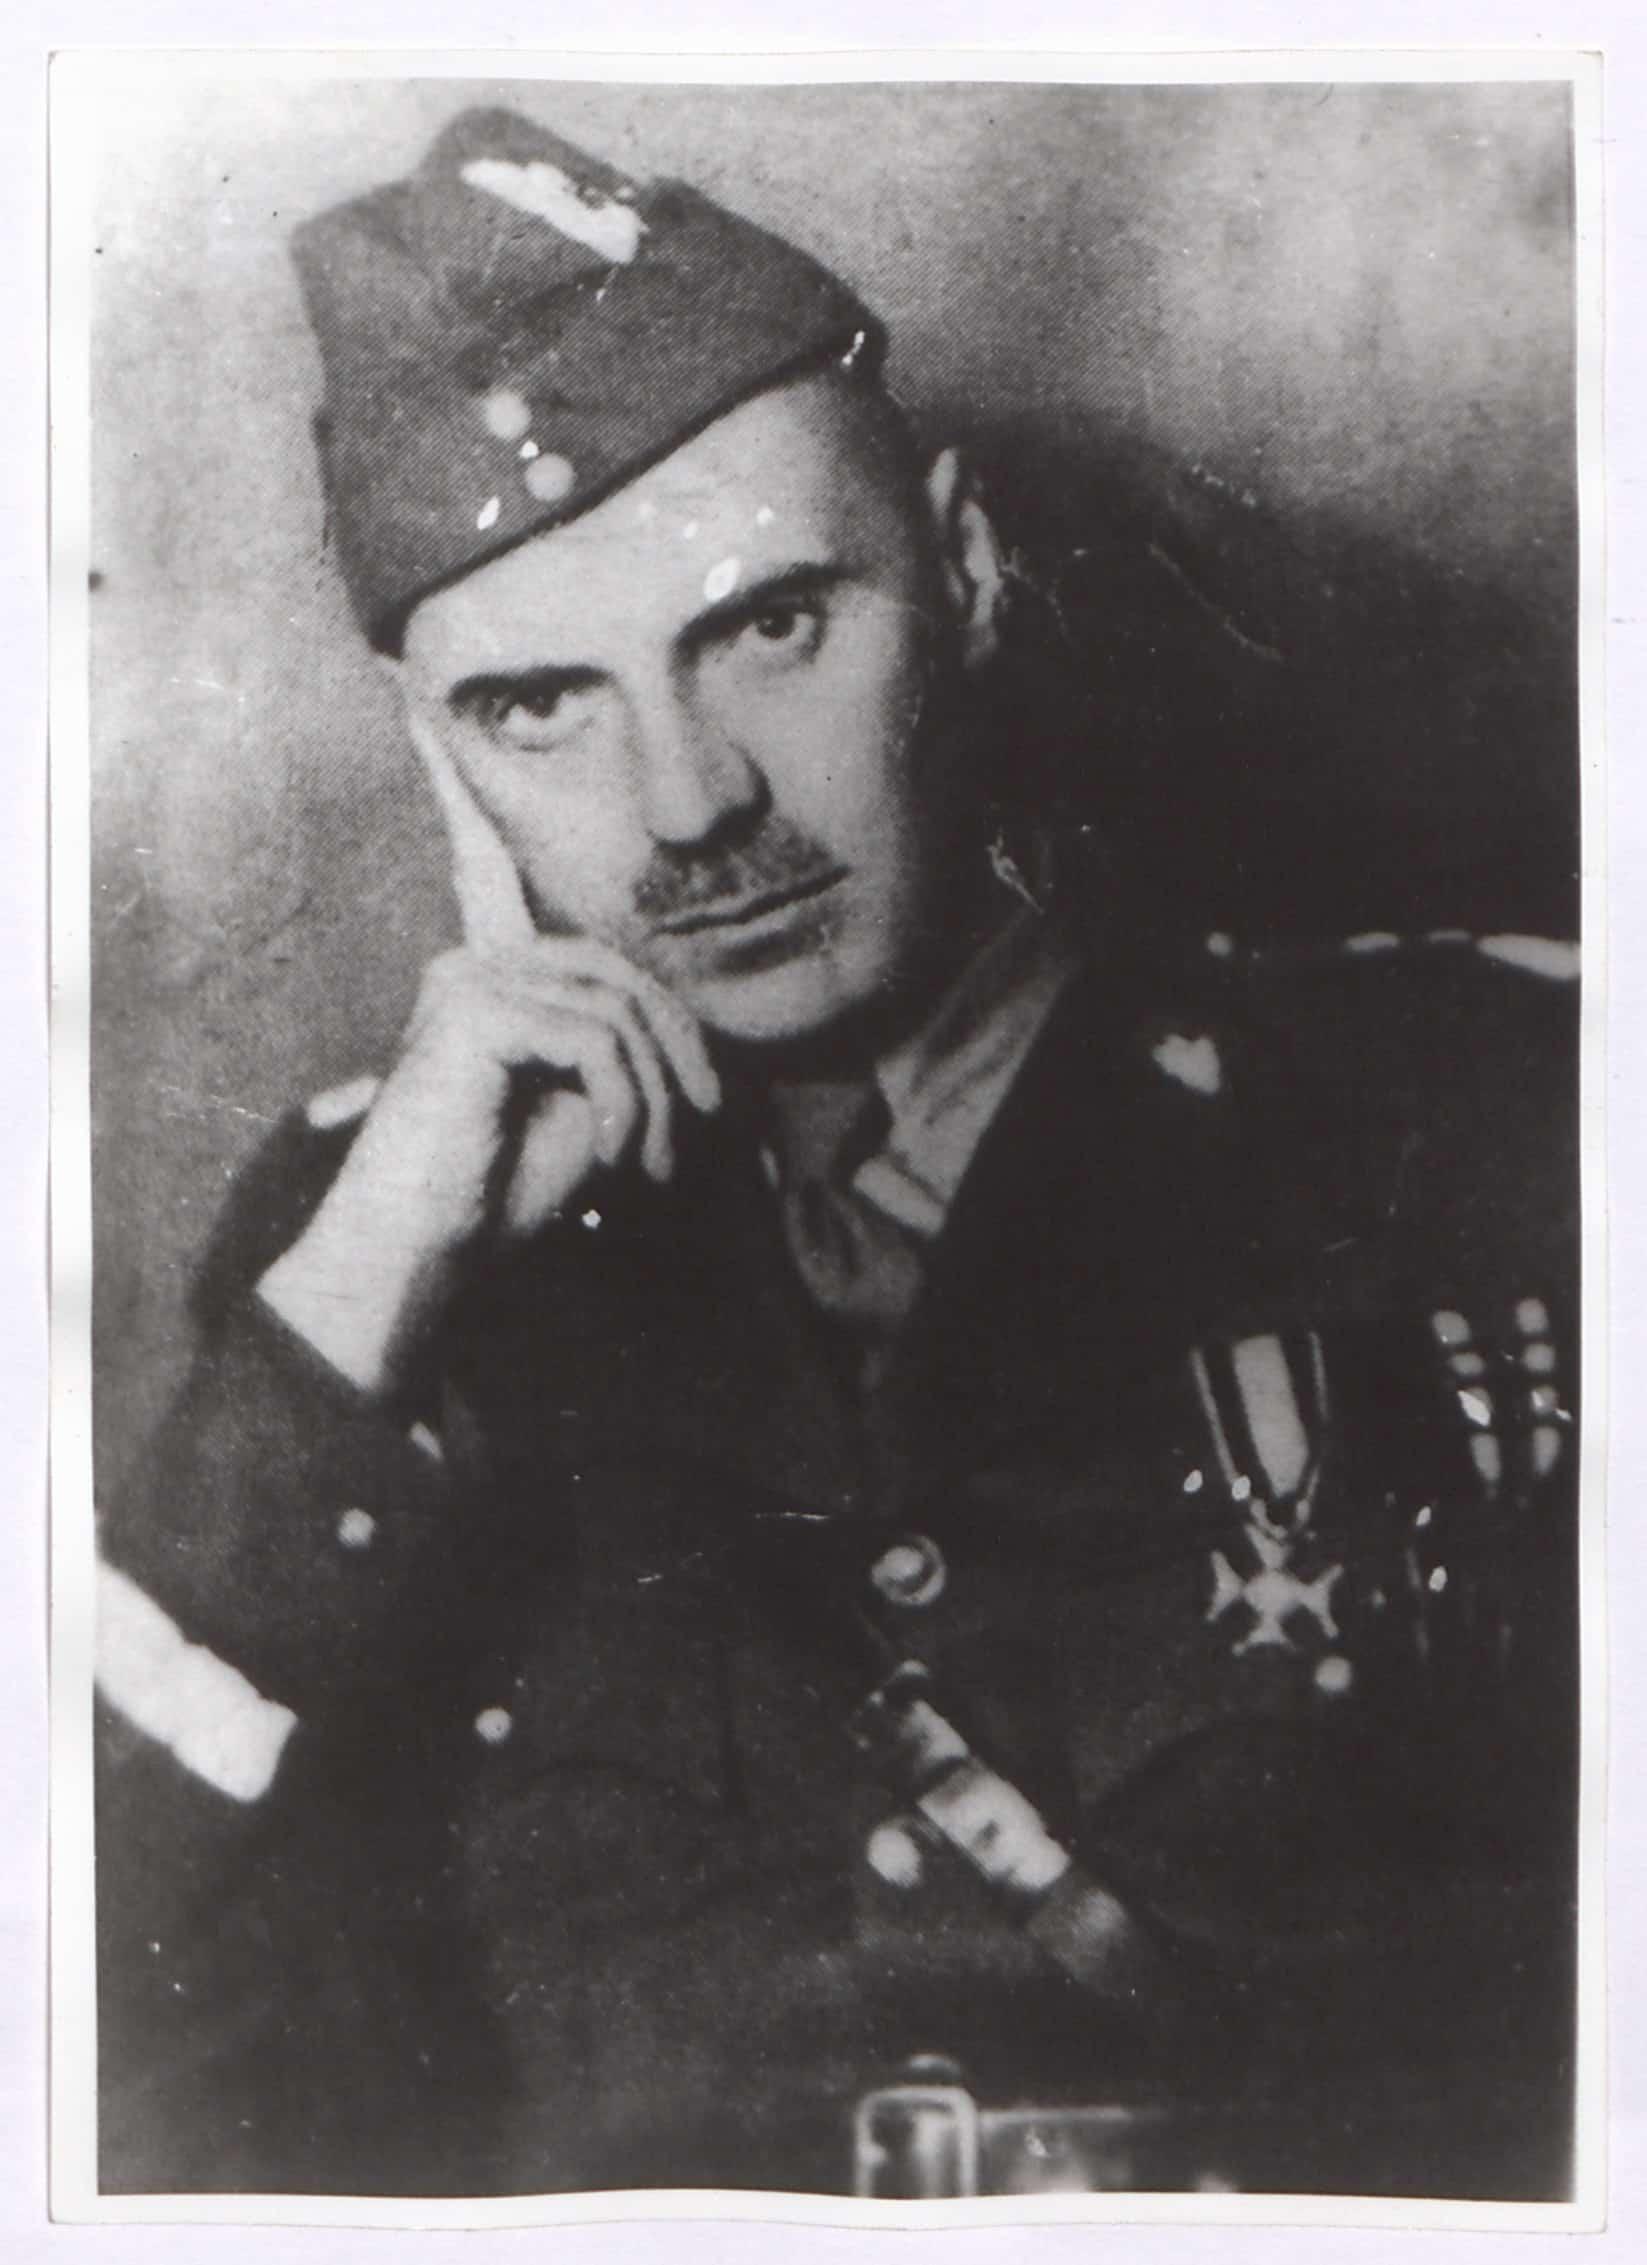 Fotografia gen. Władysława Andersa (fotokopia zdjęcia z 1939 roku). Źródło: Polona